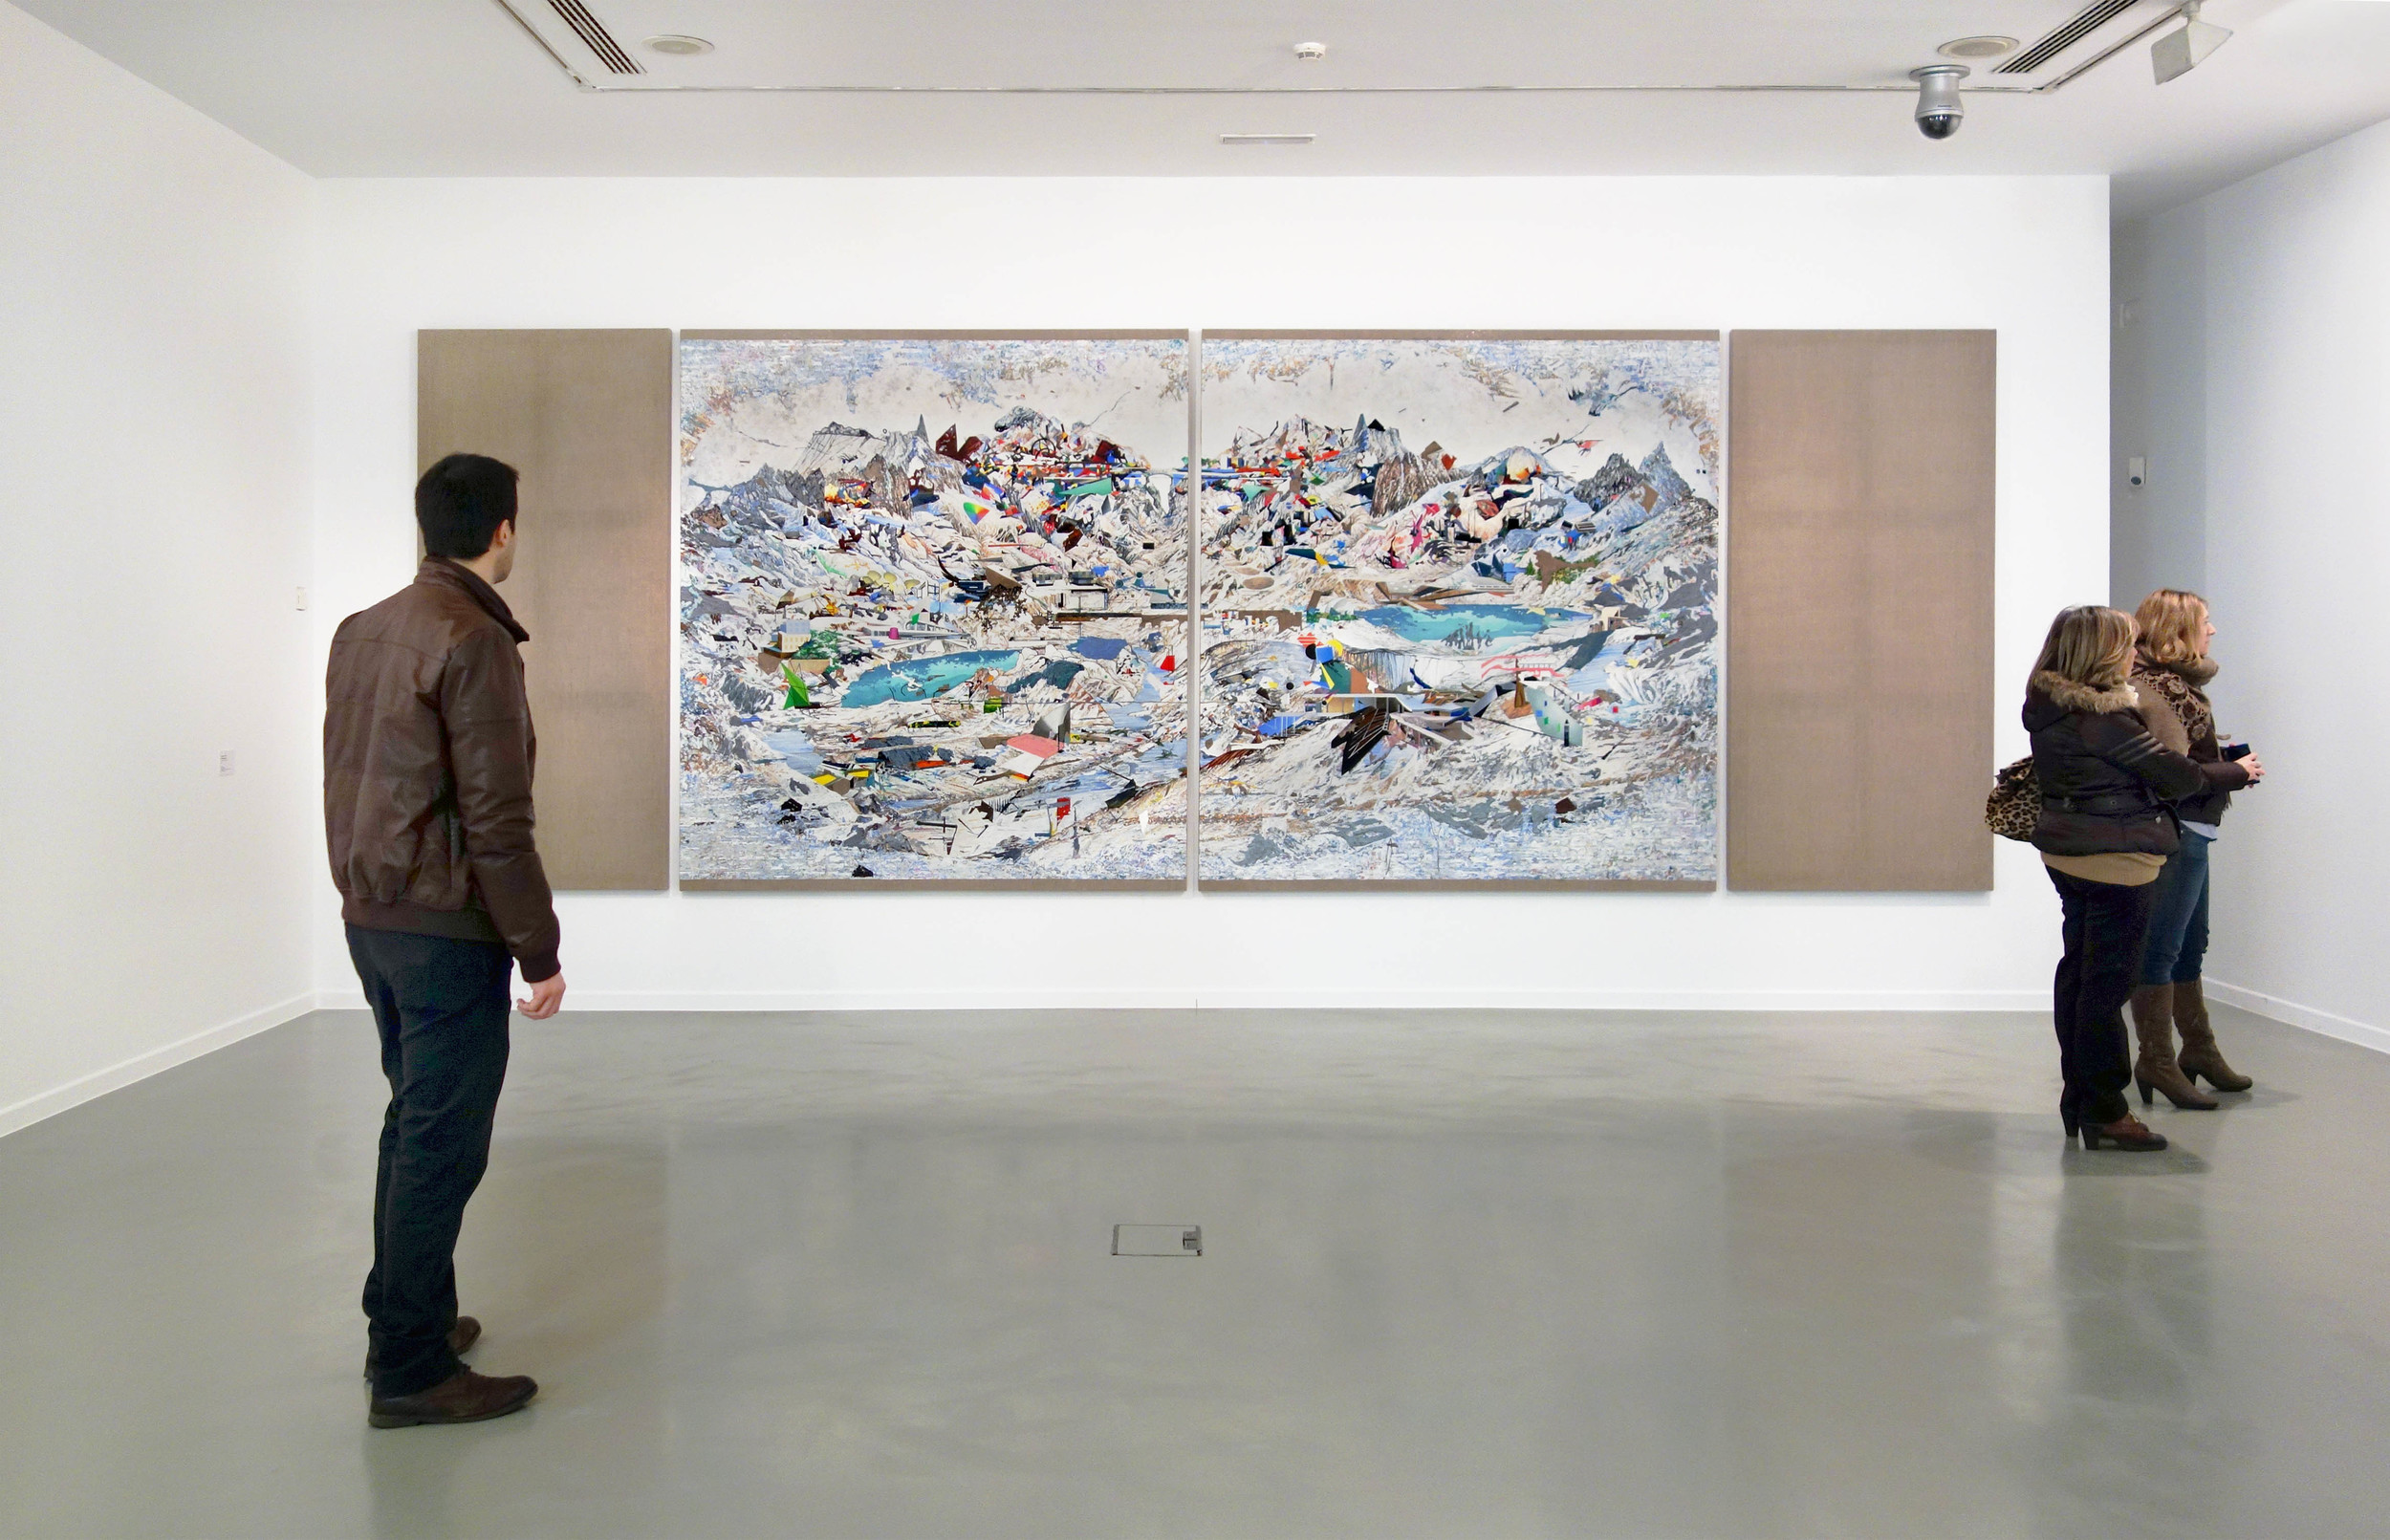 Vista de exposición. Premio Generaciones 2013. La Casa Encendida, Madrid, 2013